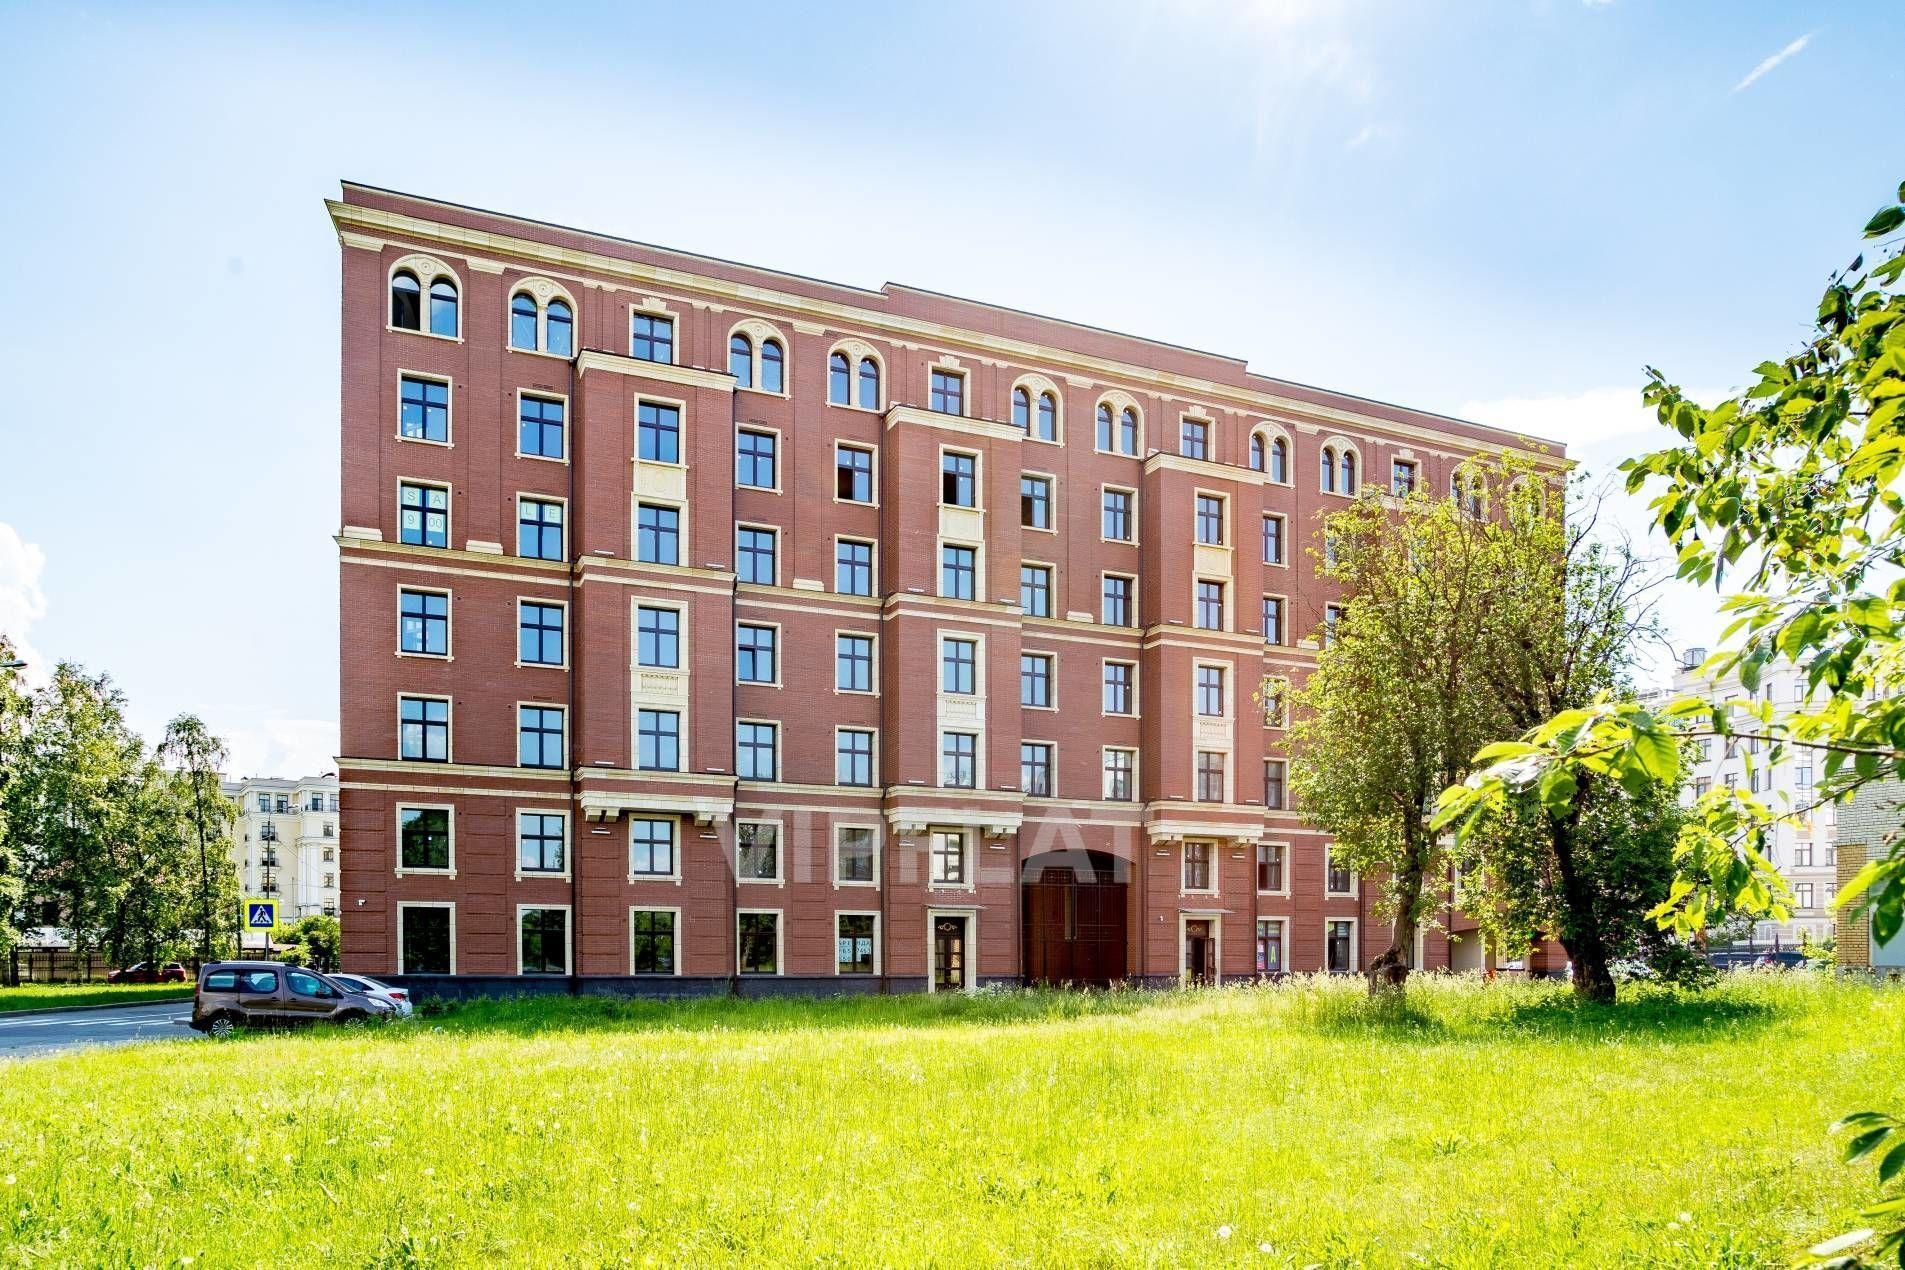 Продажа элитных квартир Санкт-Петербурга. Морской пр., 29 Эркеры и арочные окна украшают фасад